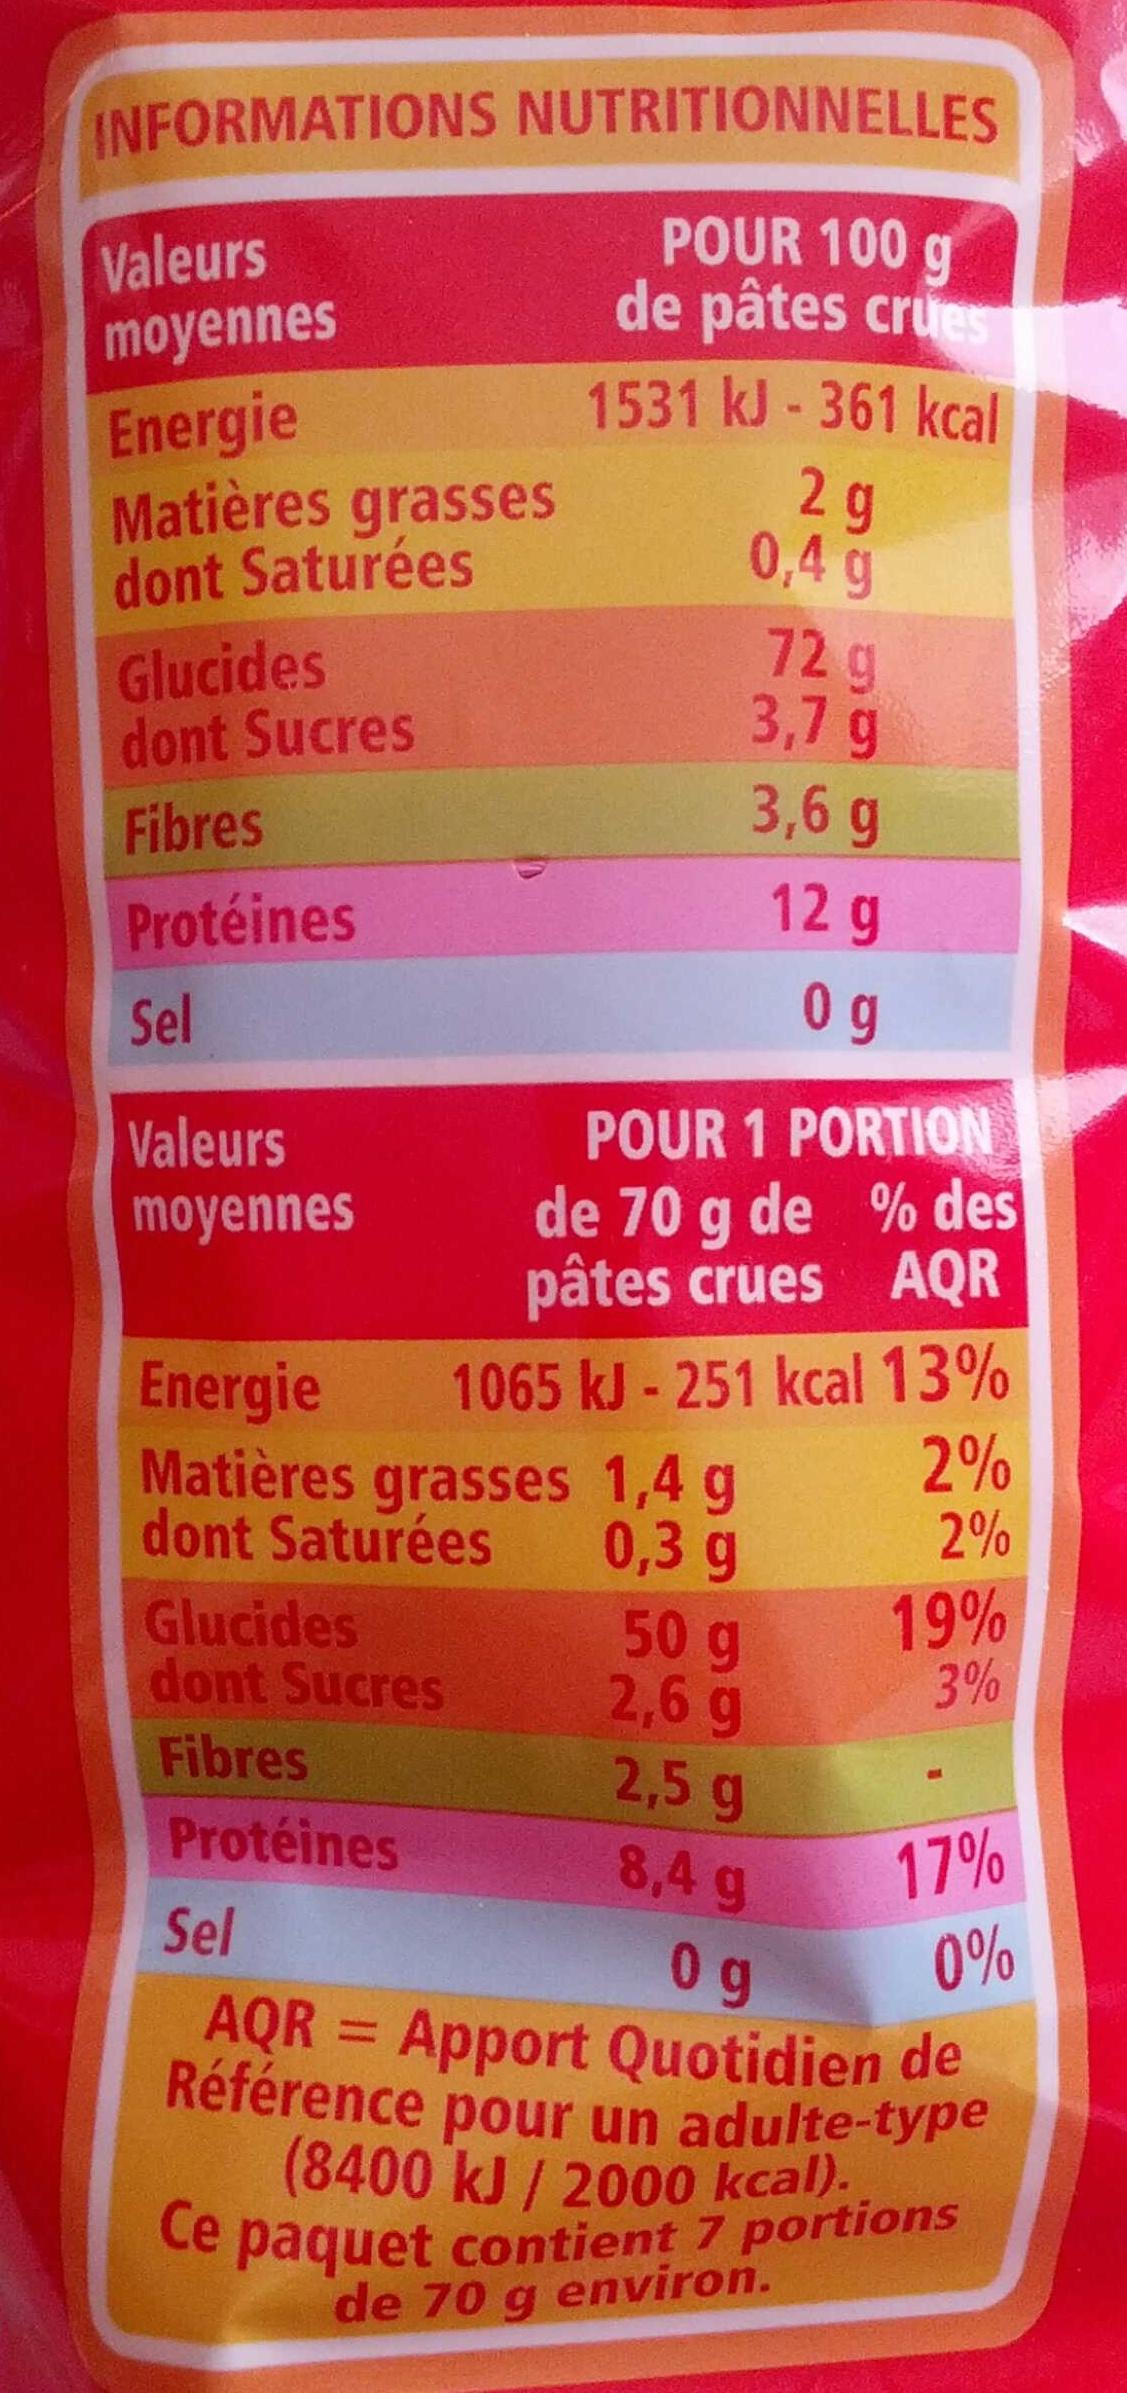 Coudes rayes - pates de qualité supérieure - Nutrition facts - fr